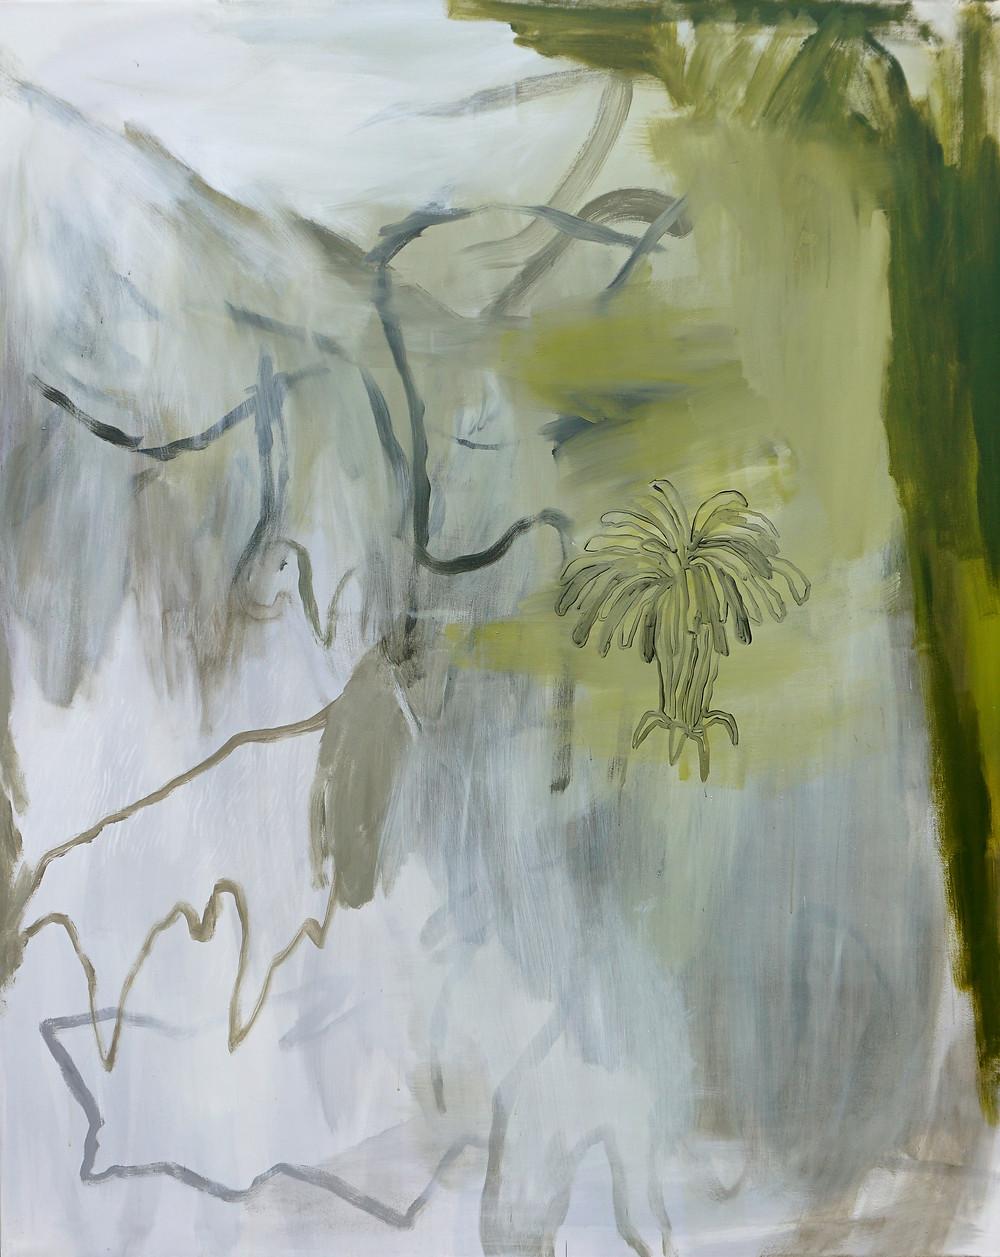 Genealogia di un fiore di tarassaco, 2019, 200x160 cm - credit Anna Marzuttini